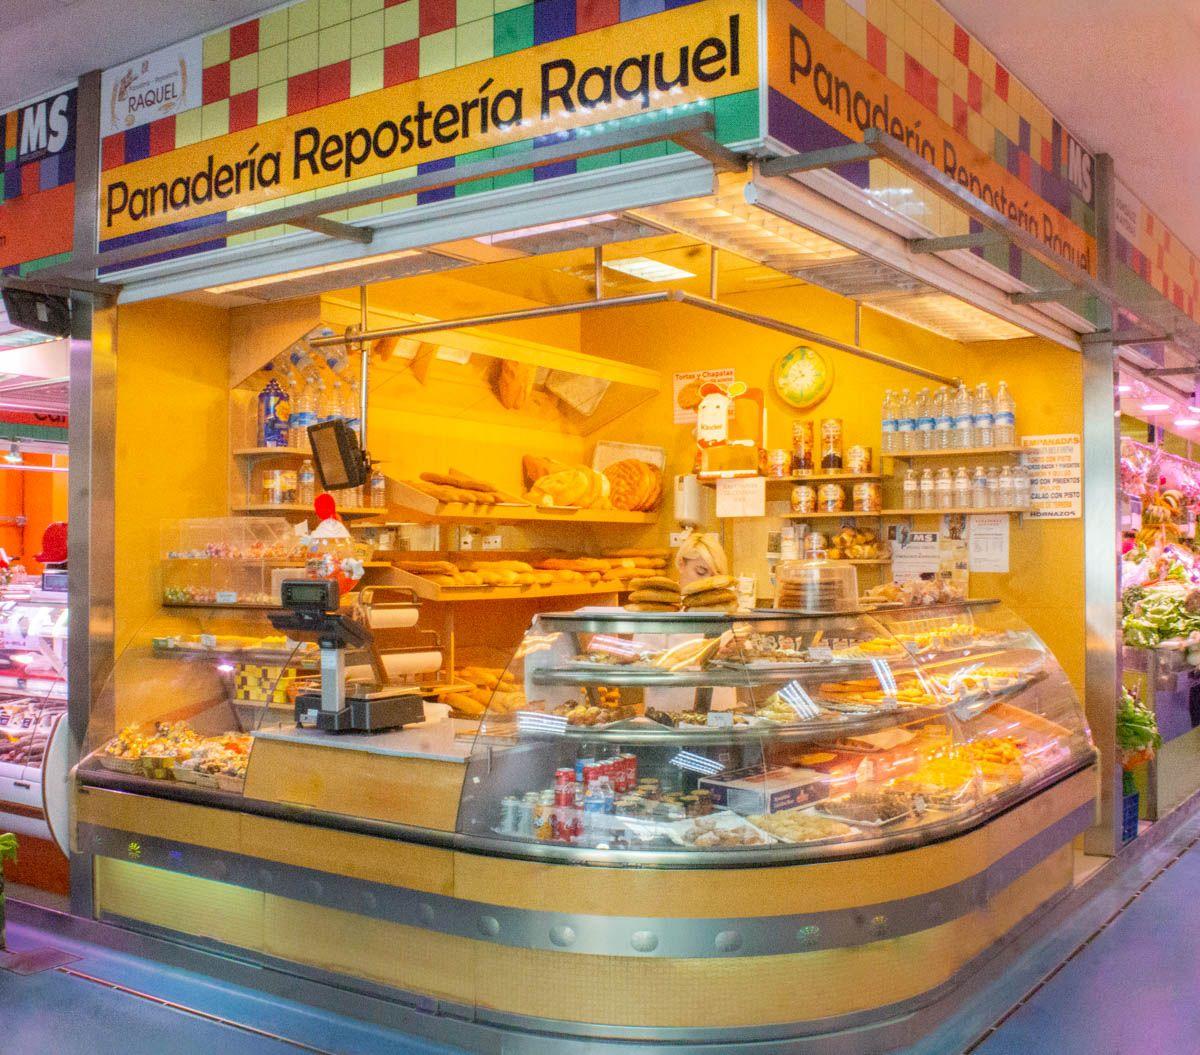 18 Panadería Repostería Raquel